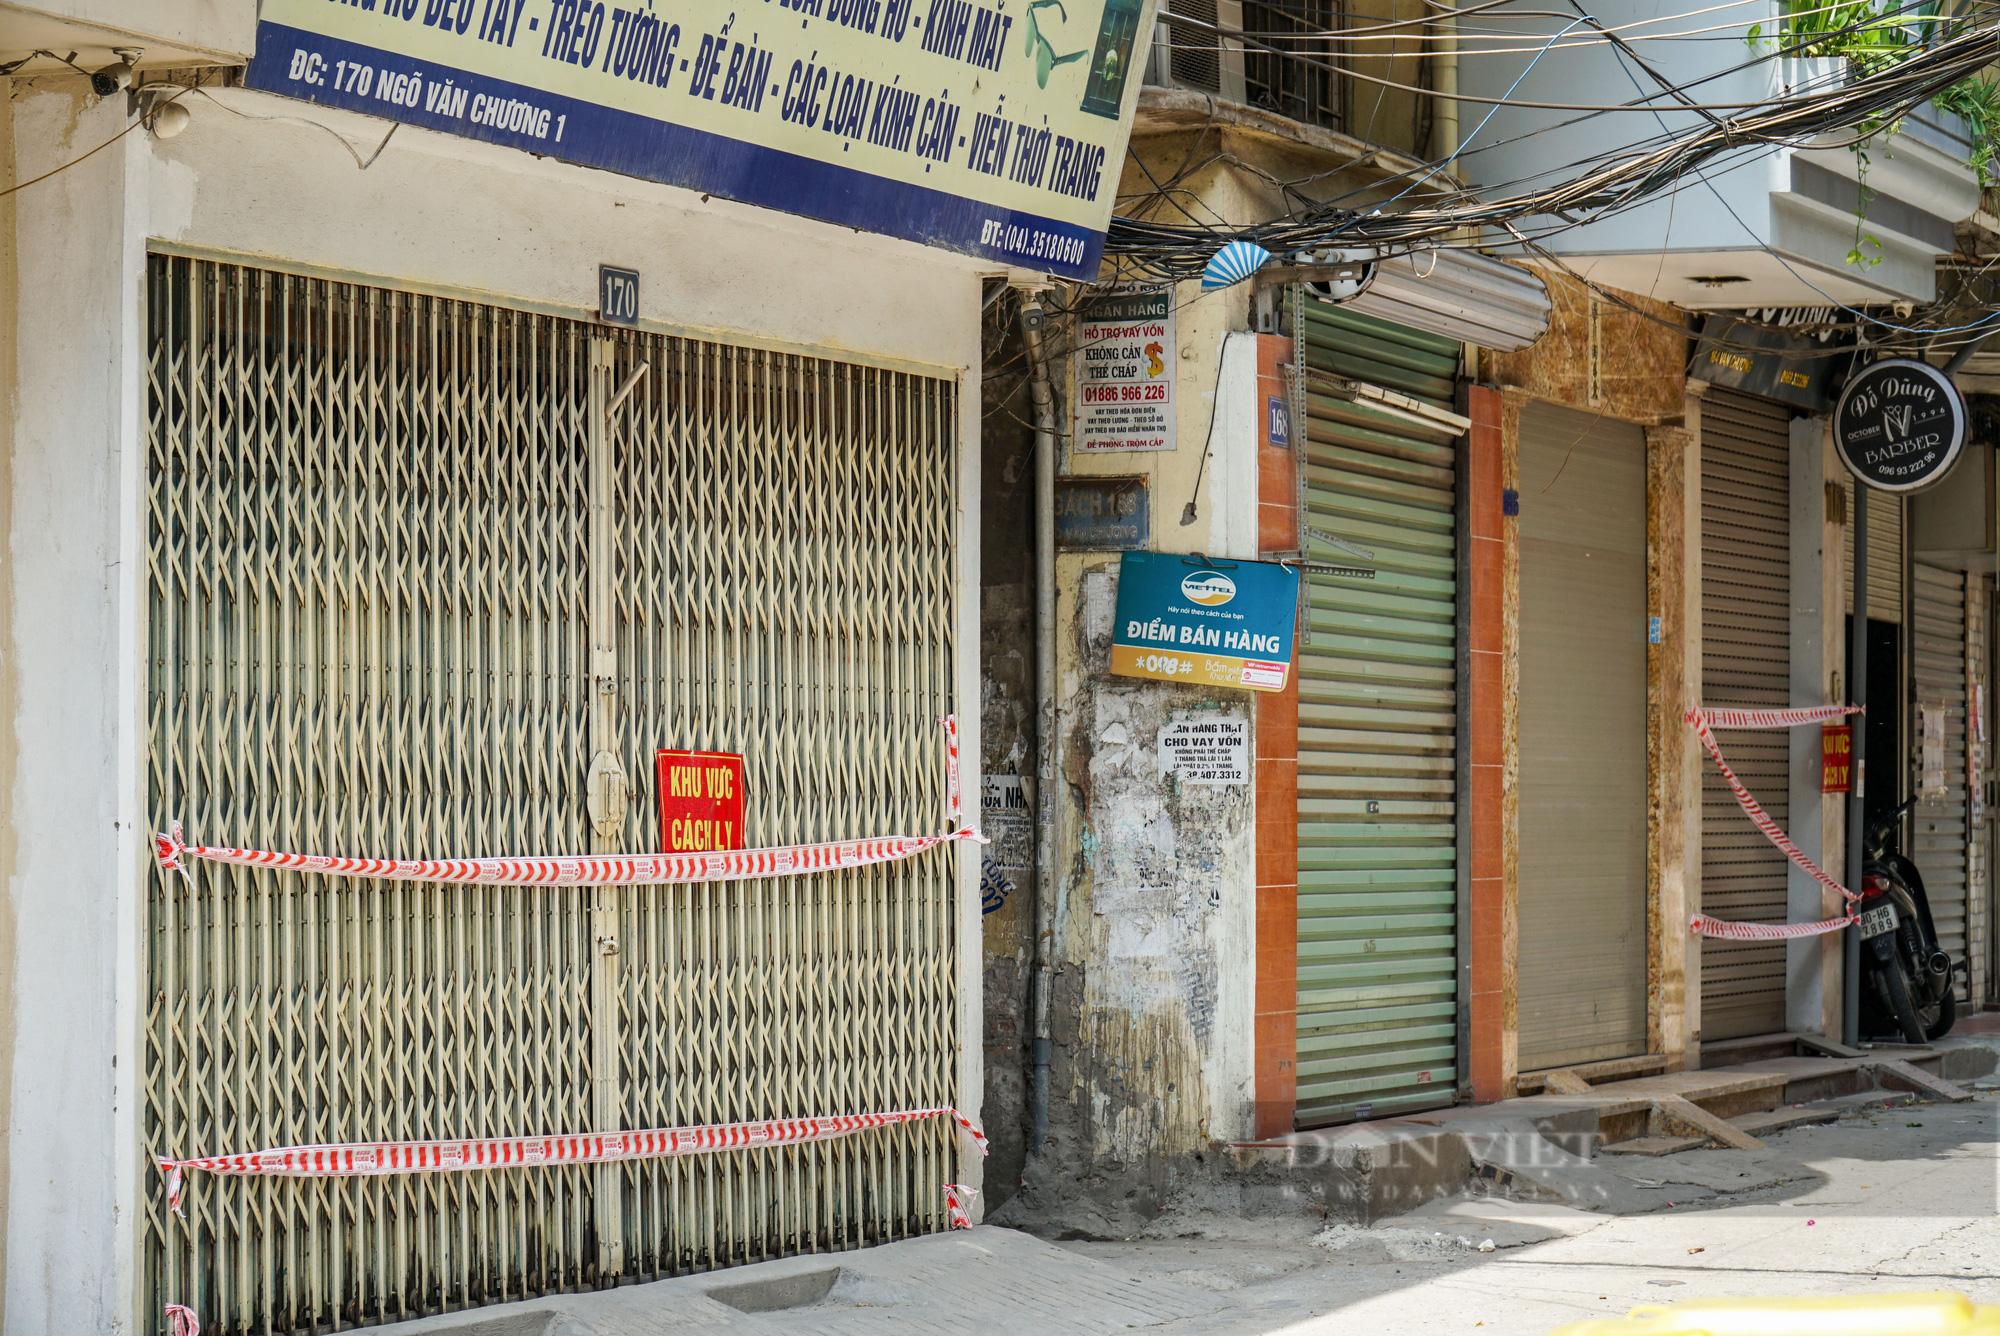 Phong toả 900 hộ dân và 2.800 nhân khẩu tại một phường của Hà Nội - Ảnh 6.